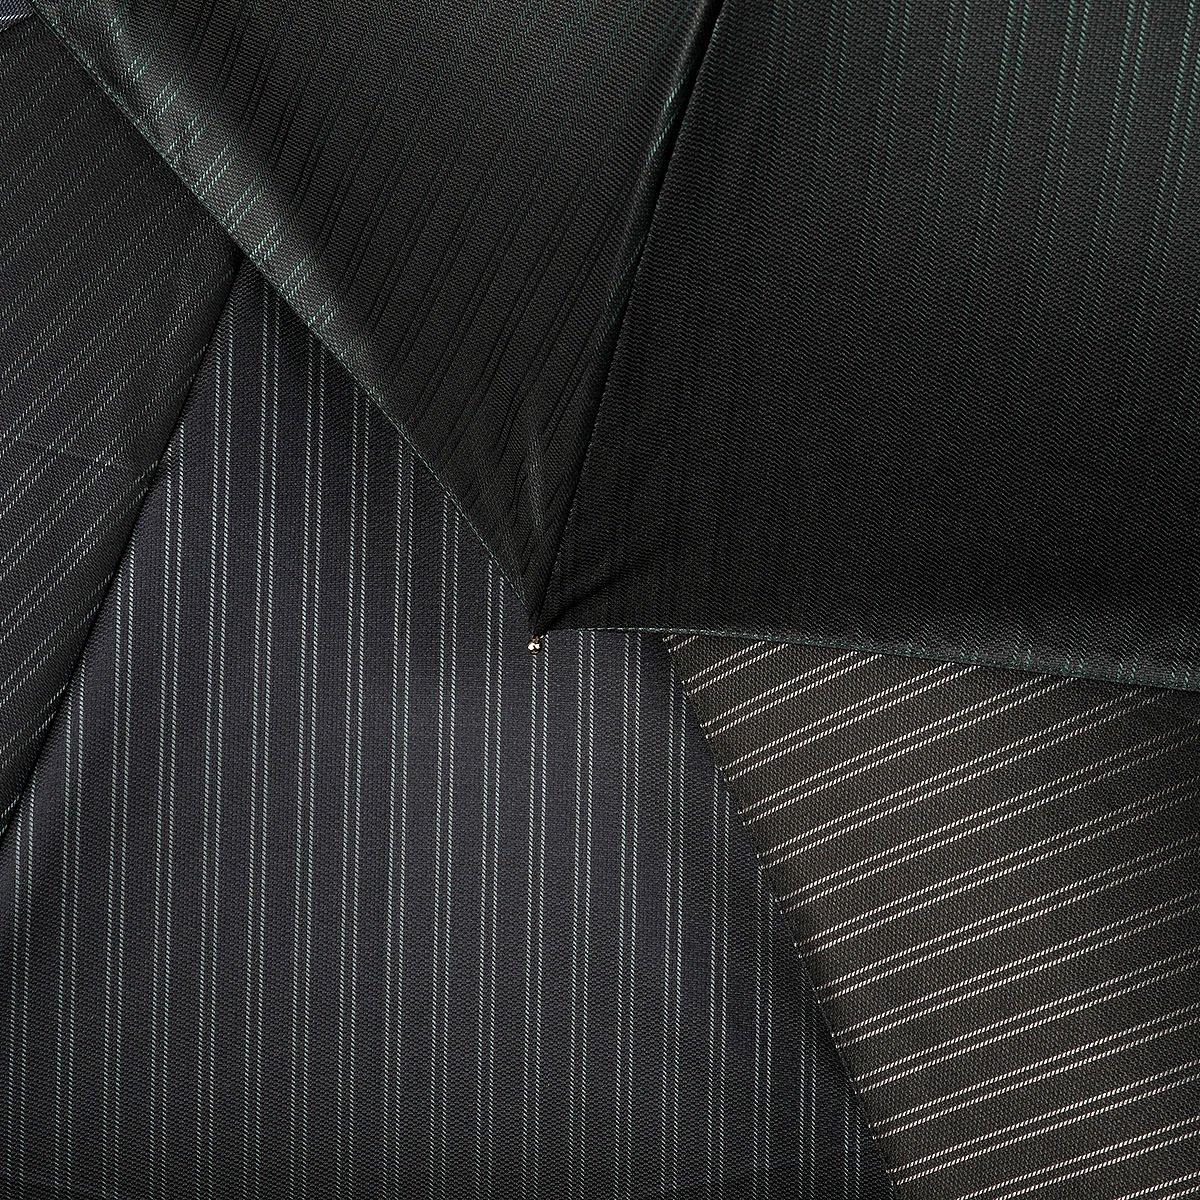 【セール】ダブルストライプ 耐風骨 折りたたみ傘 詳細画像10